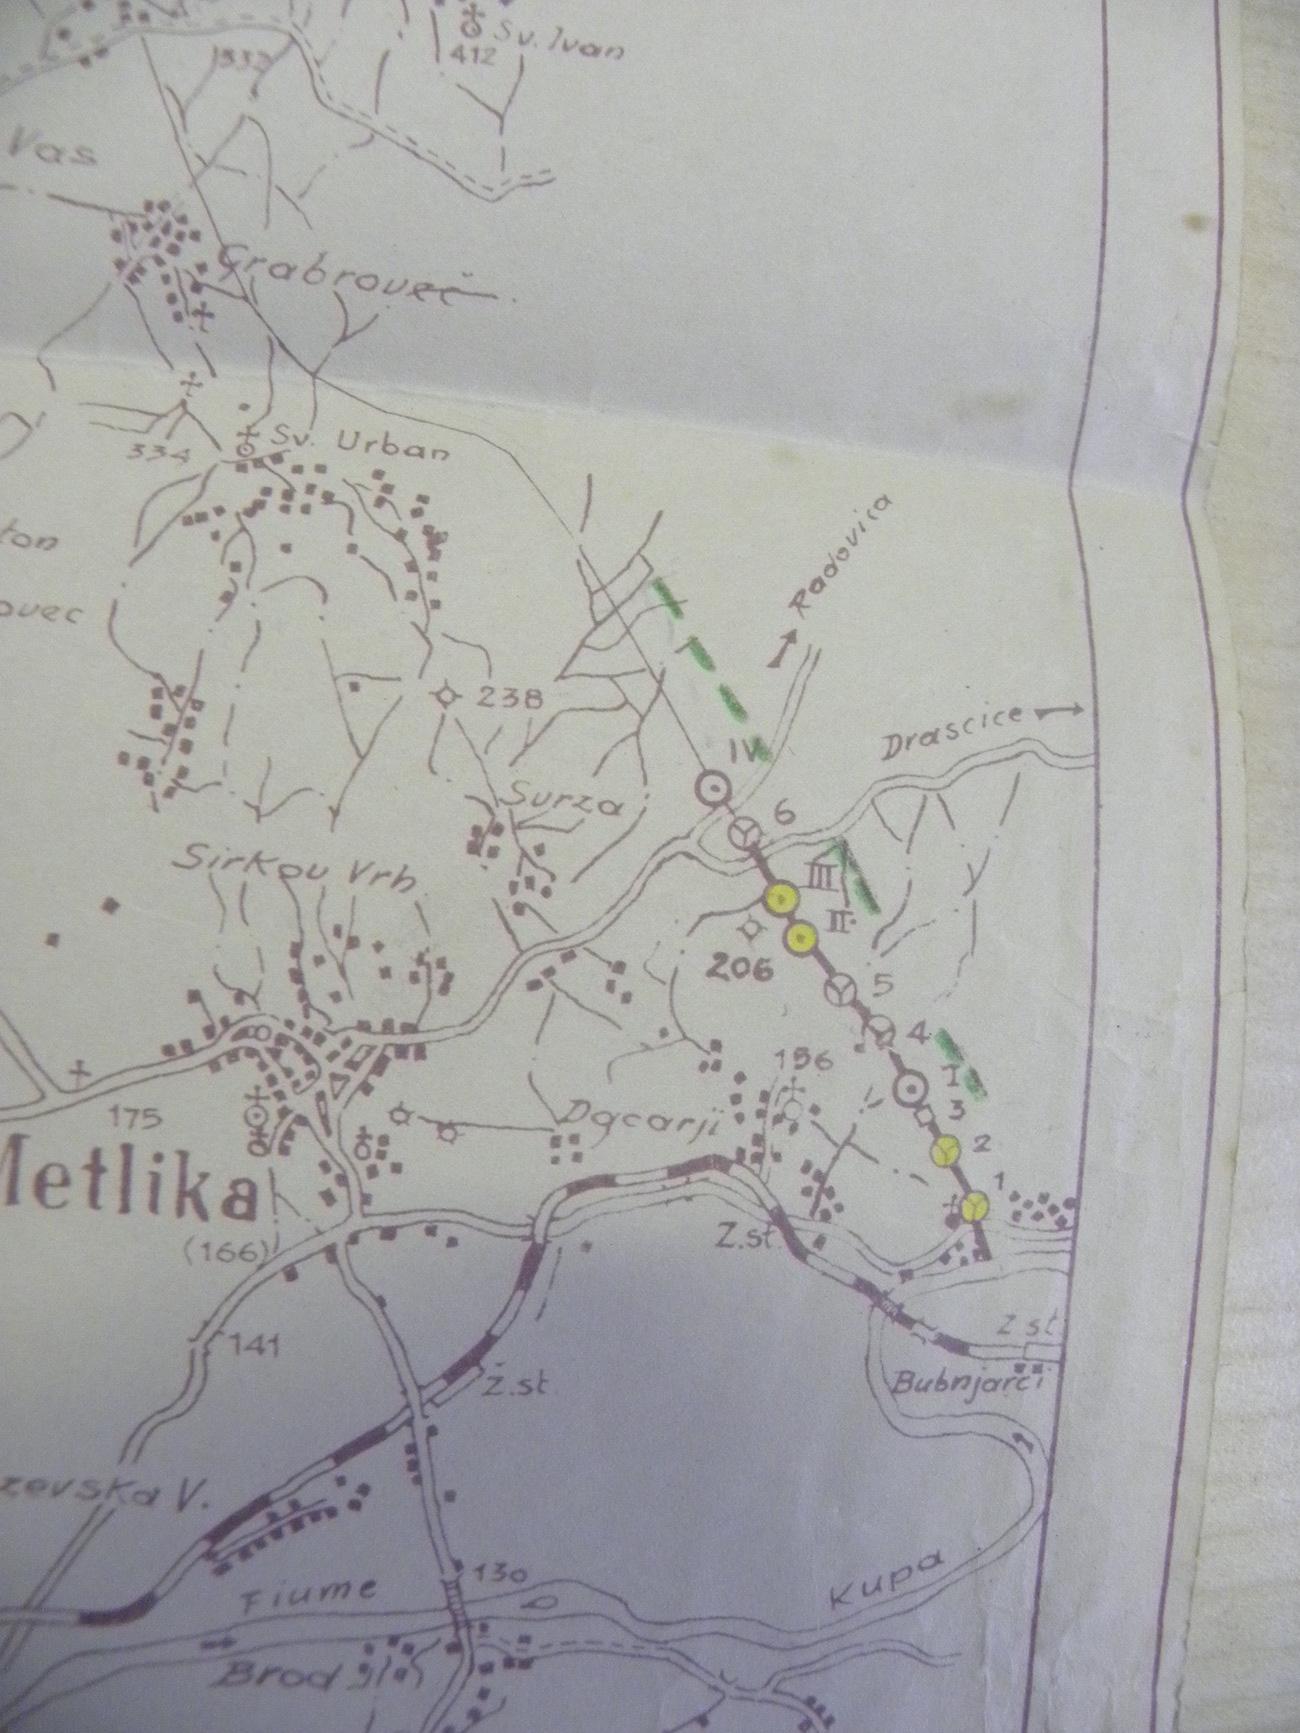 Izrez iz italijanskega zemljevida o gradnji utrjene linije med Italijo in NDH pri Metliki. Rumene pike označujejo že zgrajene betonske bunkerje pri Rosalnicah. SI AS 1773, t. e. 773, Poveljstvo 14. pehotne divizije Isonzo. Avtor fotografije: Blaž Štangelj.